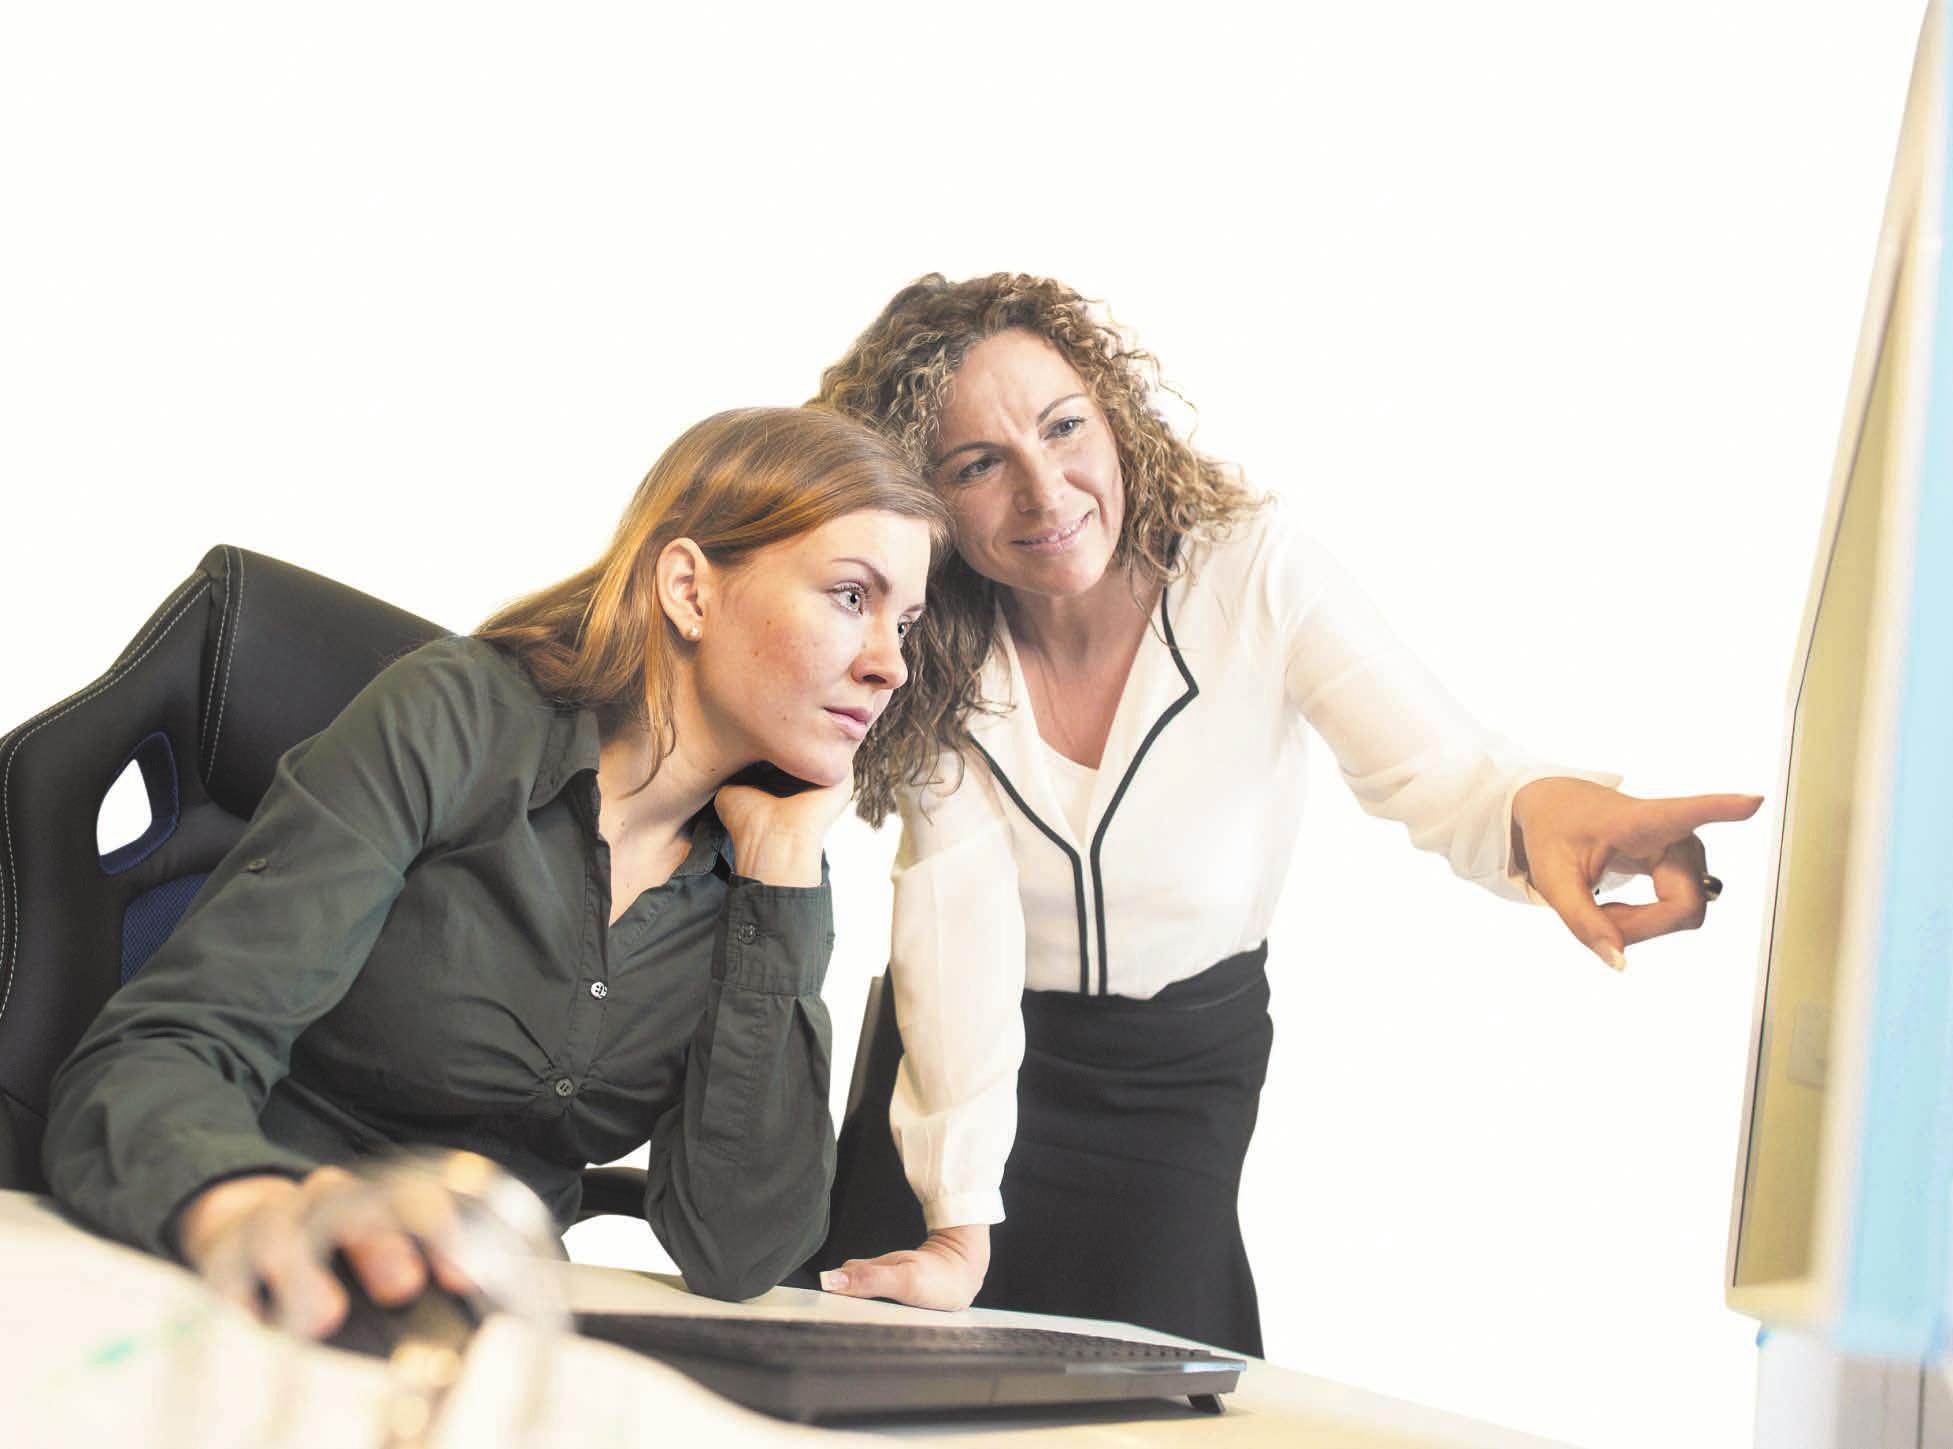 Wer neu in einem Unternehmen ist, sollte erst mal zuhören. FOTO: KLAUS-DIETMAR GABBERT/DPA-TMN